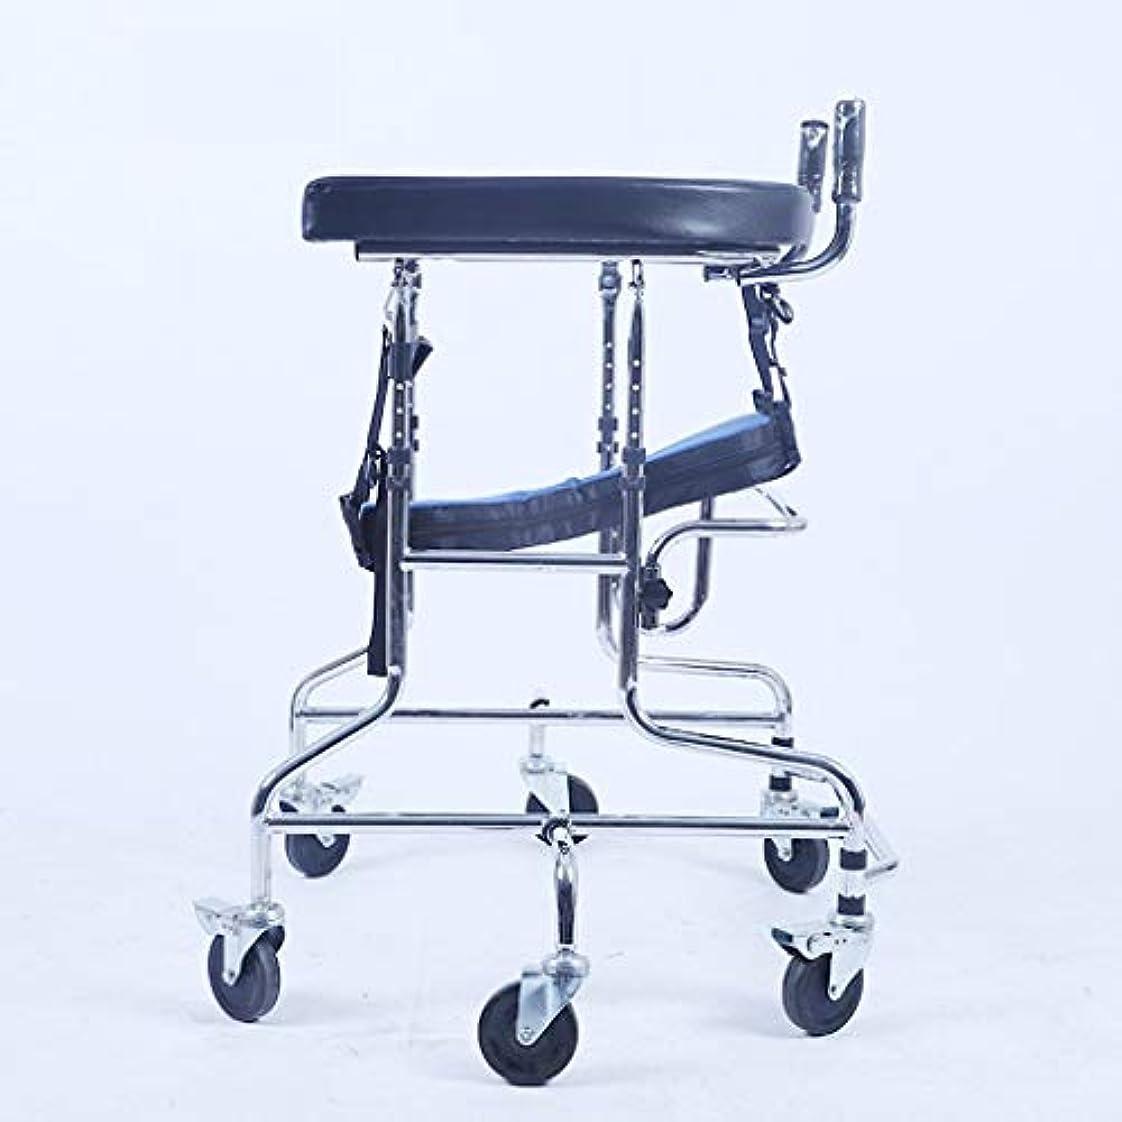 霧深いしみミシン子供下肢トレーニング?リハビリ機器/リハビリ機器/スタンディングウォークスタンド/ウォークエイド/ウォーカー/スタンドホイール付きシートホイール(サイズ:C)